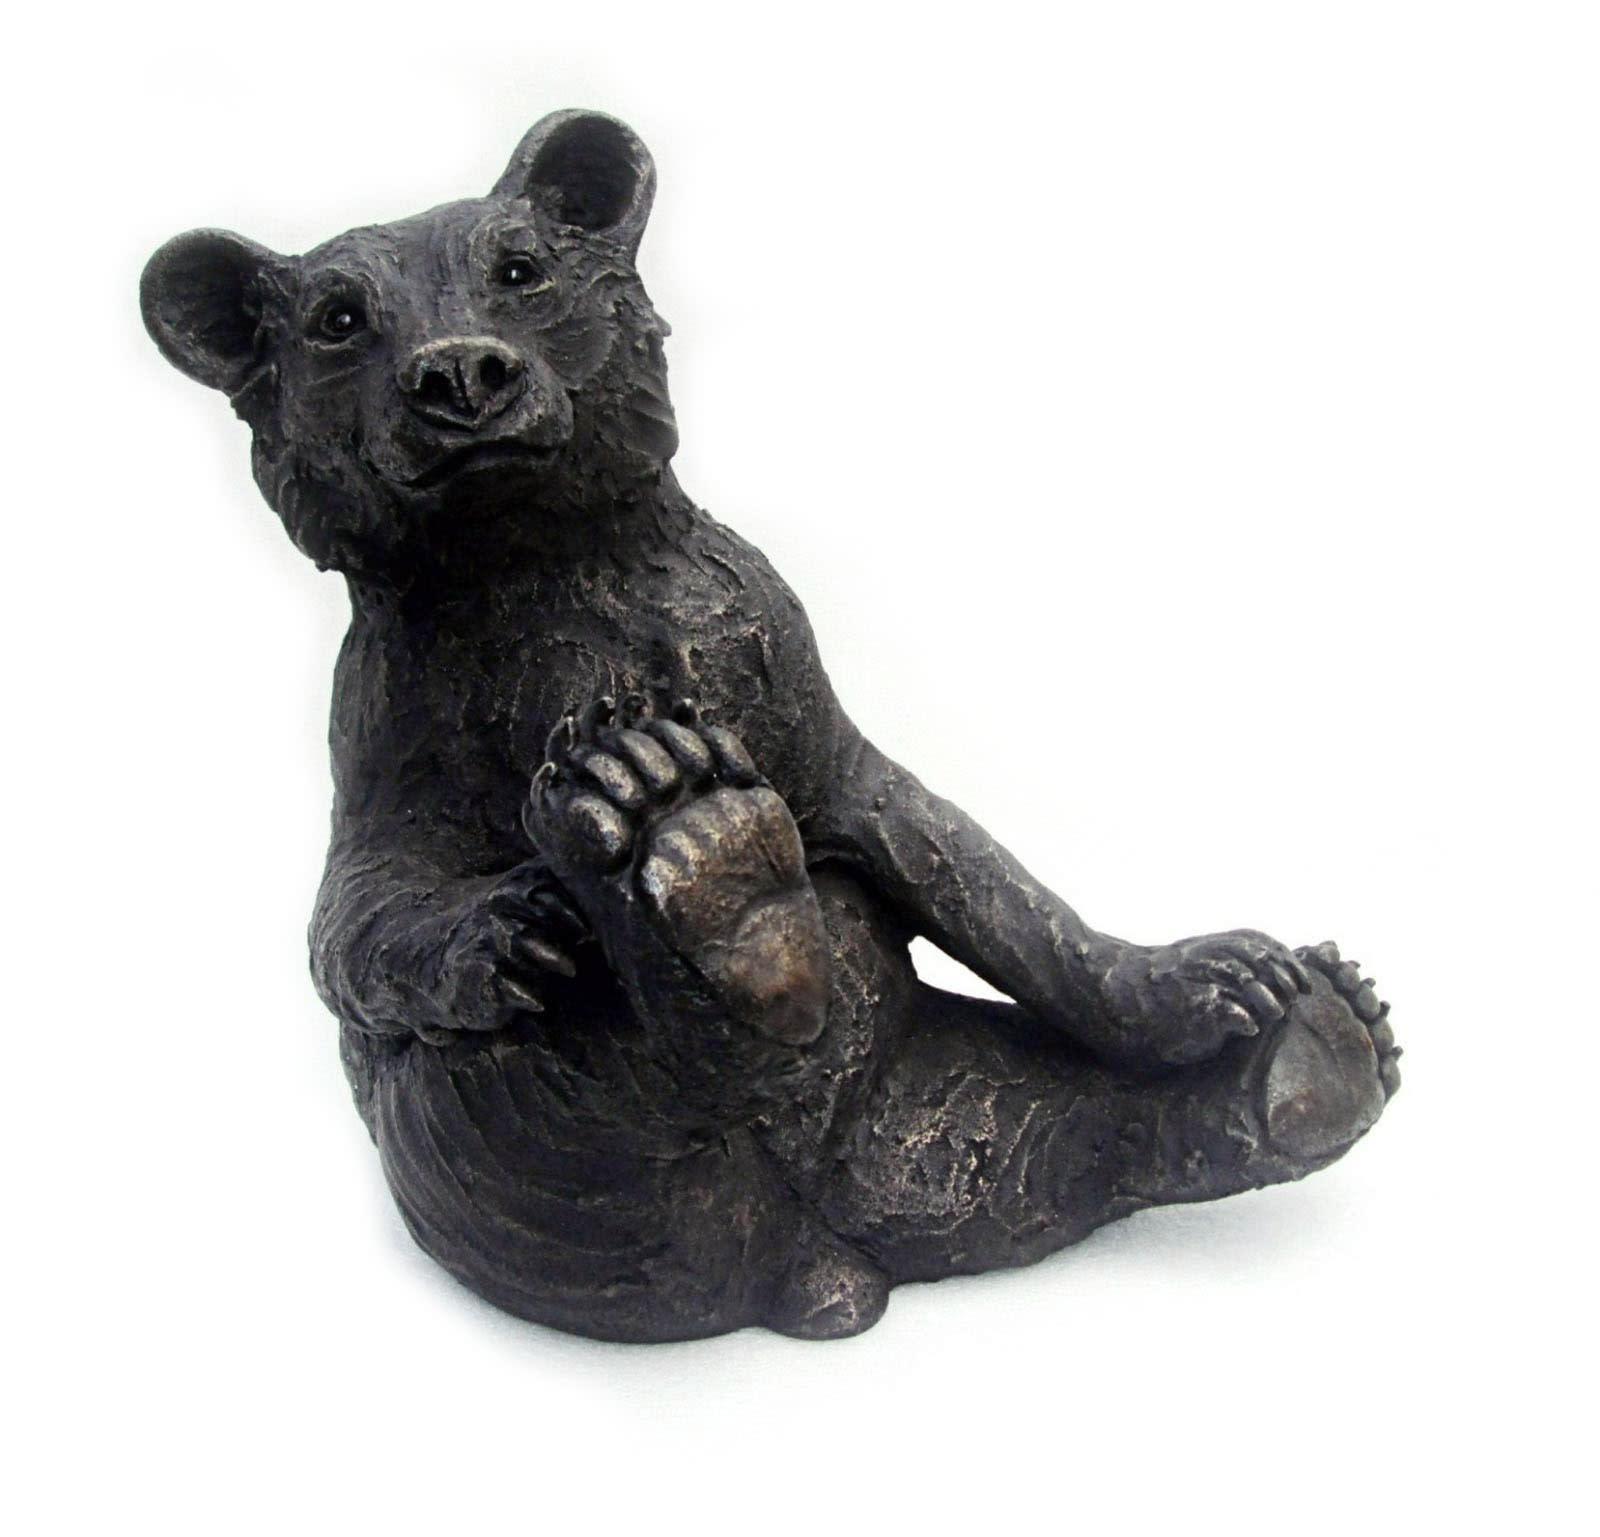 Benjamin Bear Cub